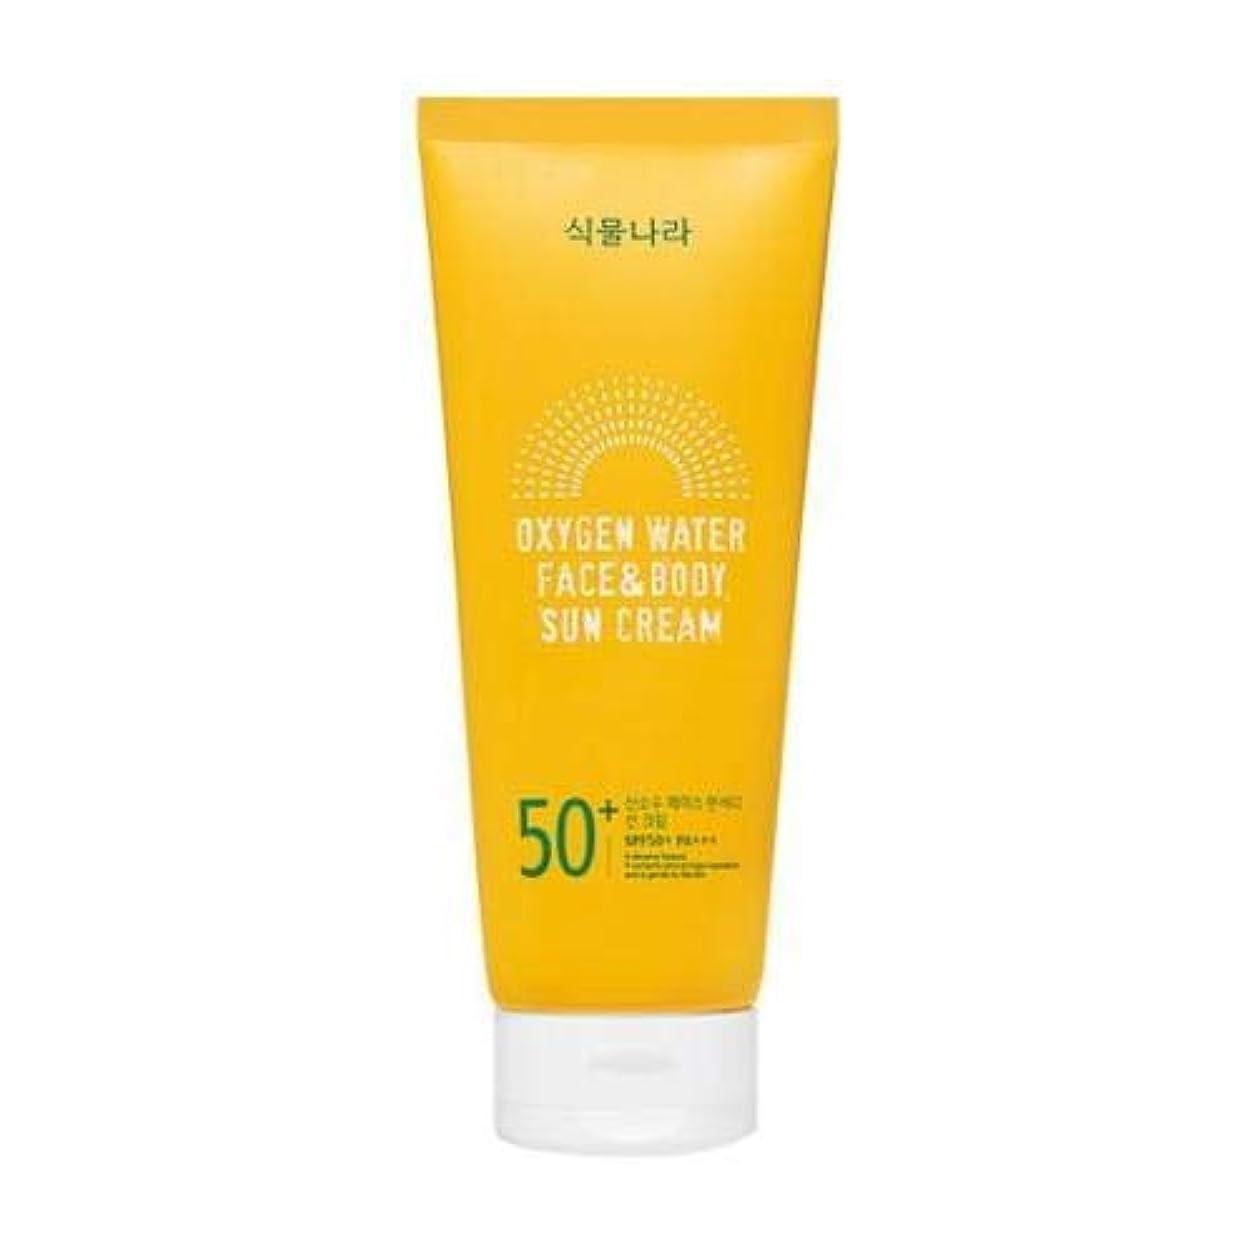 ダブル記憶に残るくぼみshingmulnara Oxygen Water Face & Body sun cream サンクリーム (200ml) SPF50+ PA+++